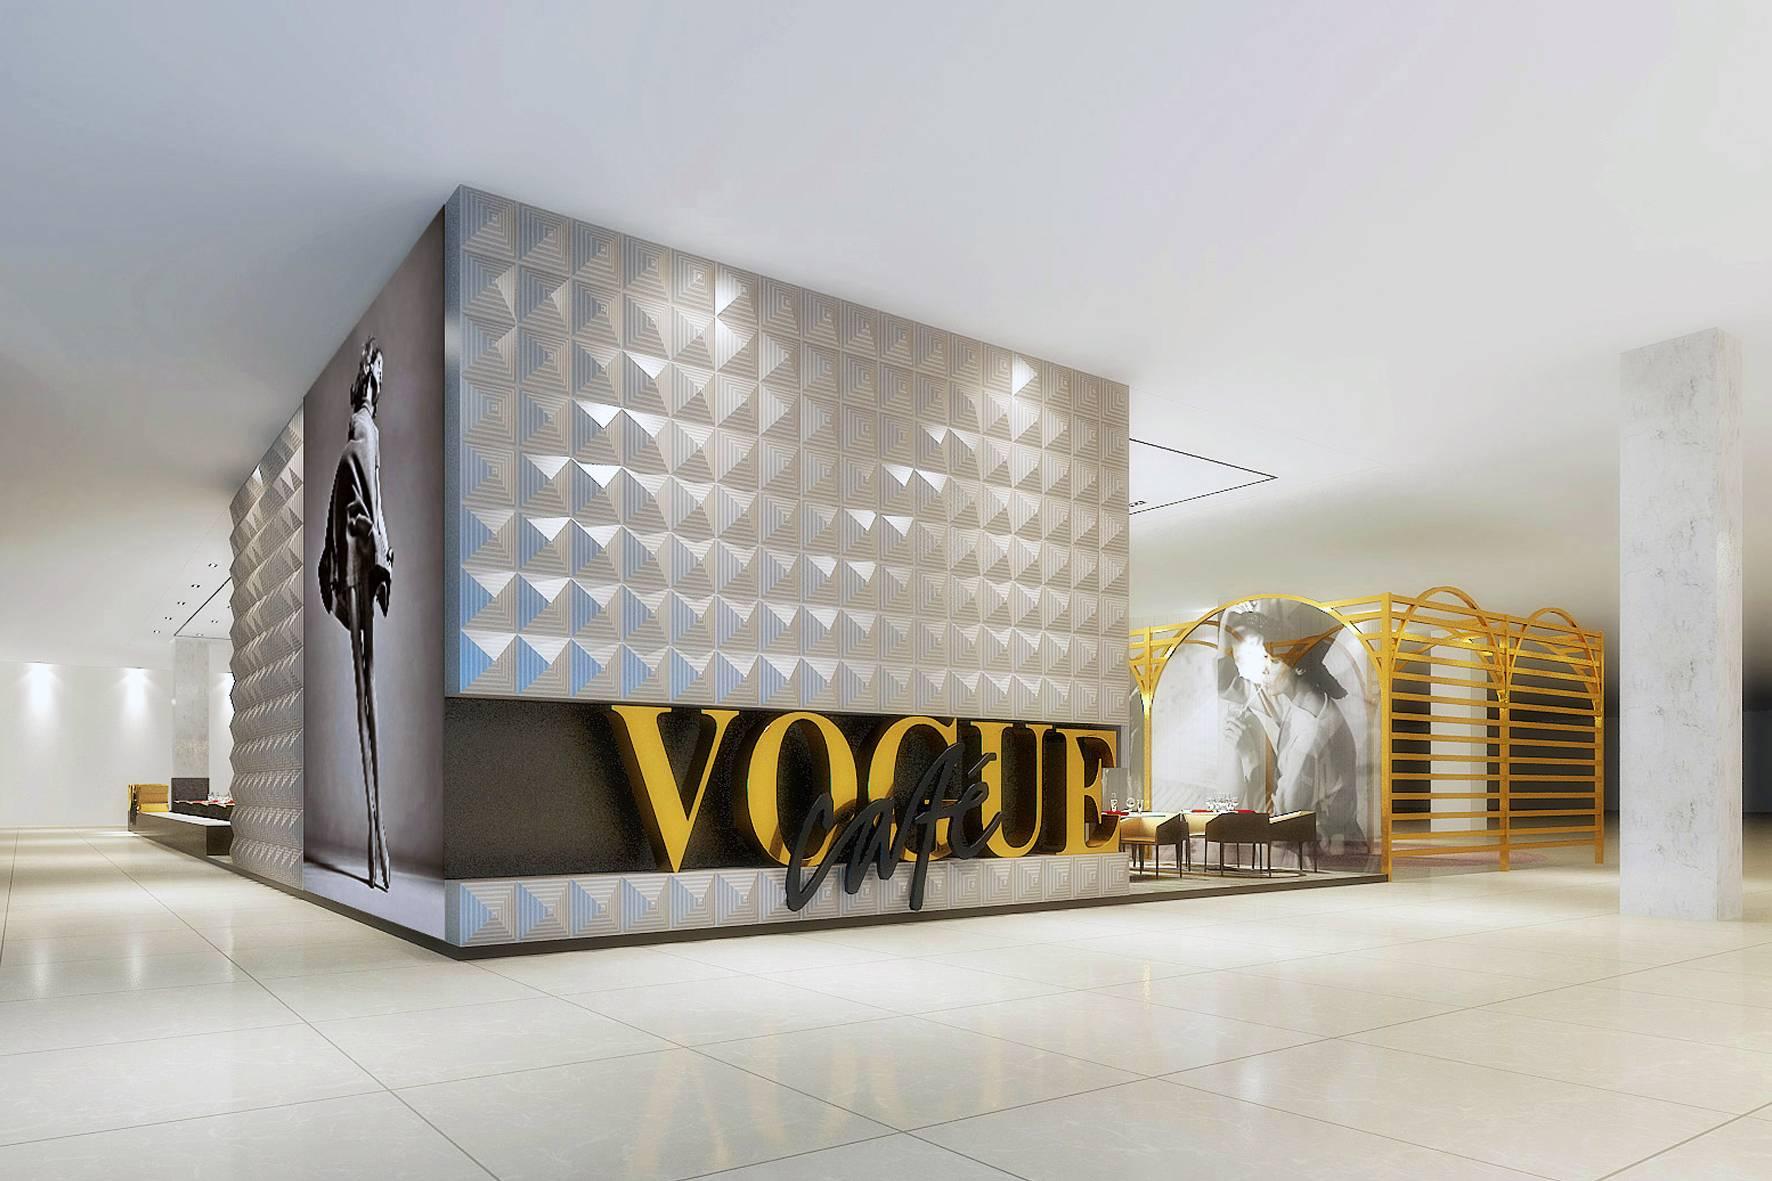 Vogue-Cafe